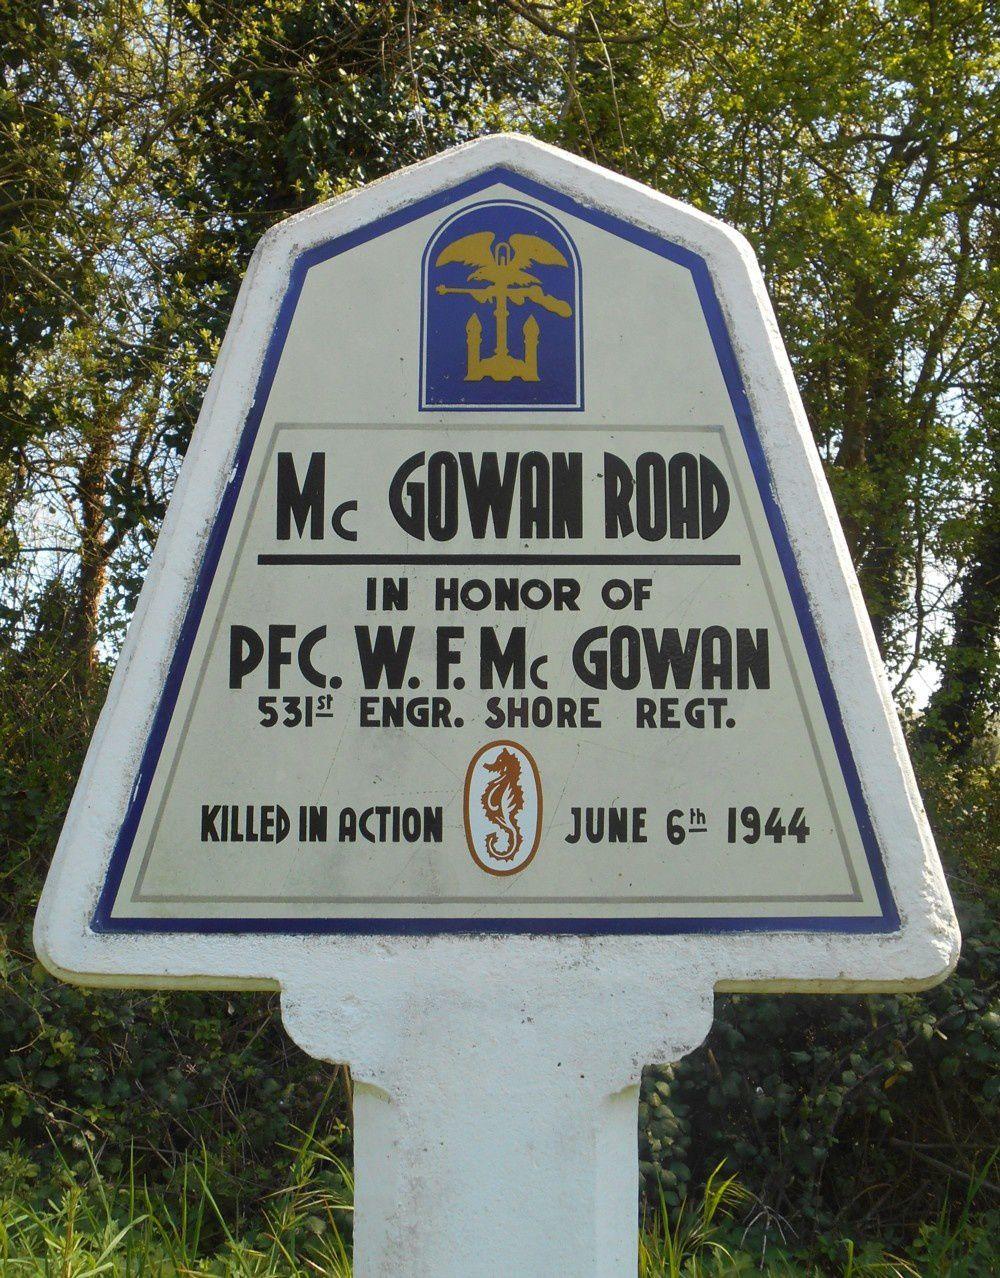 Une des stèles  érigées en souvenir du 6 juin 1944 - June 6th - 1944 - sur la route qui nous conduit au point de départ de notre boucle.